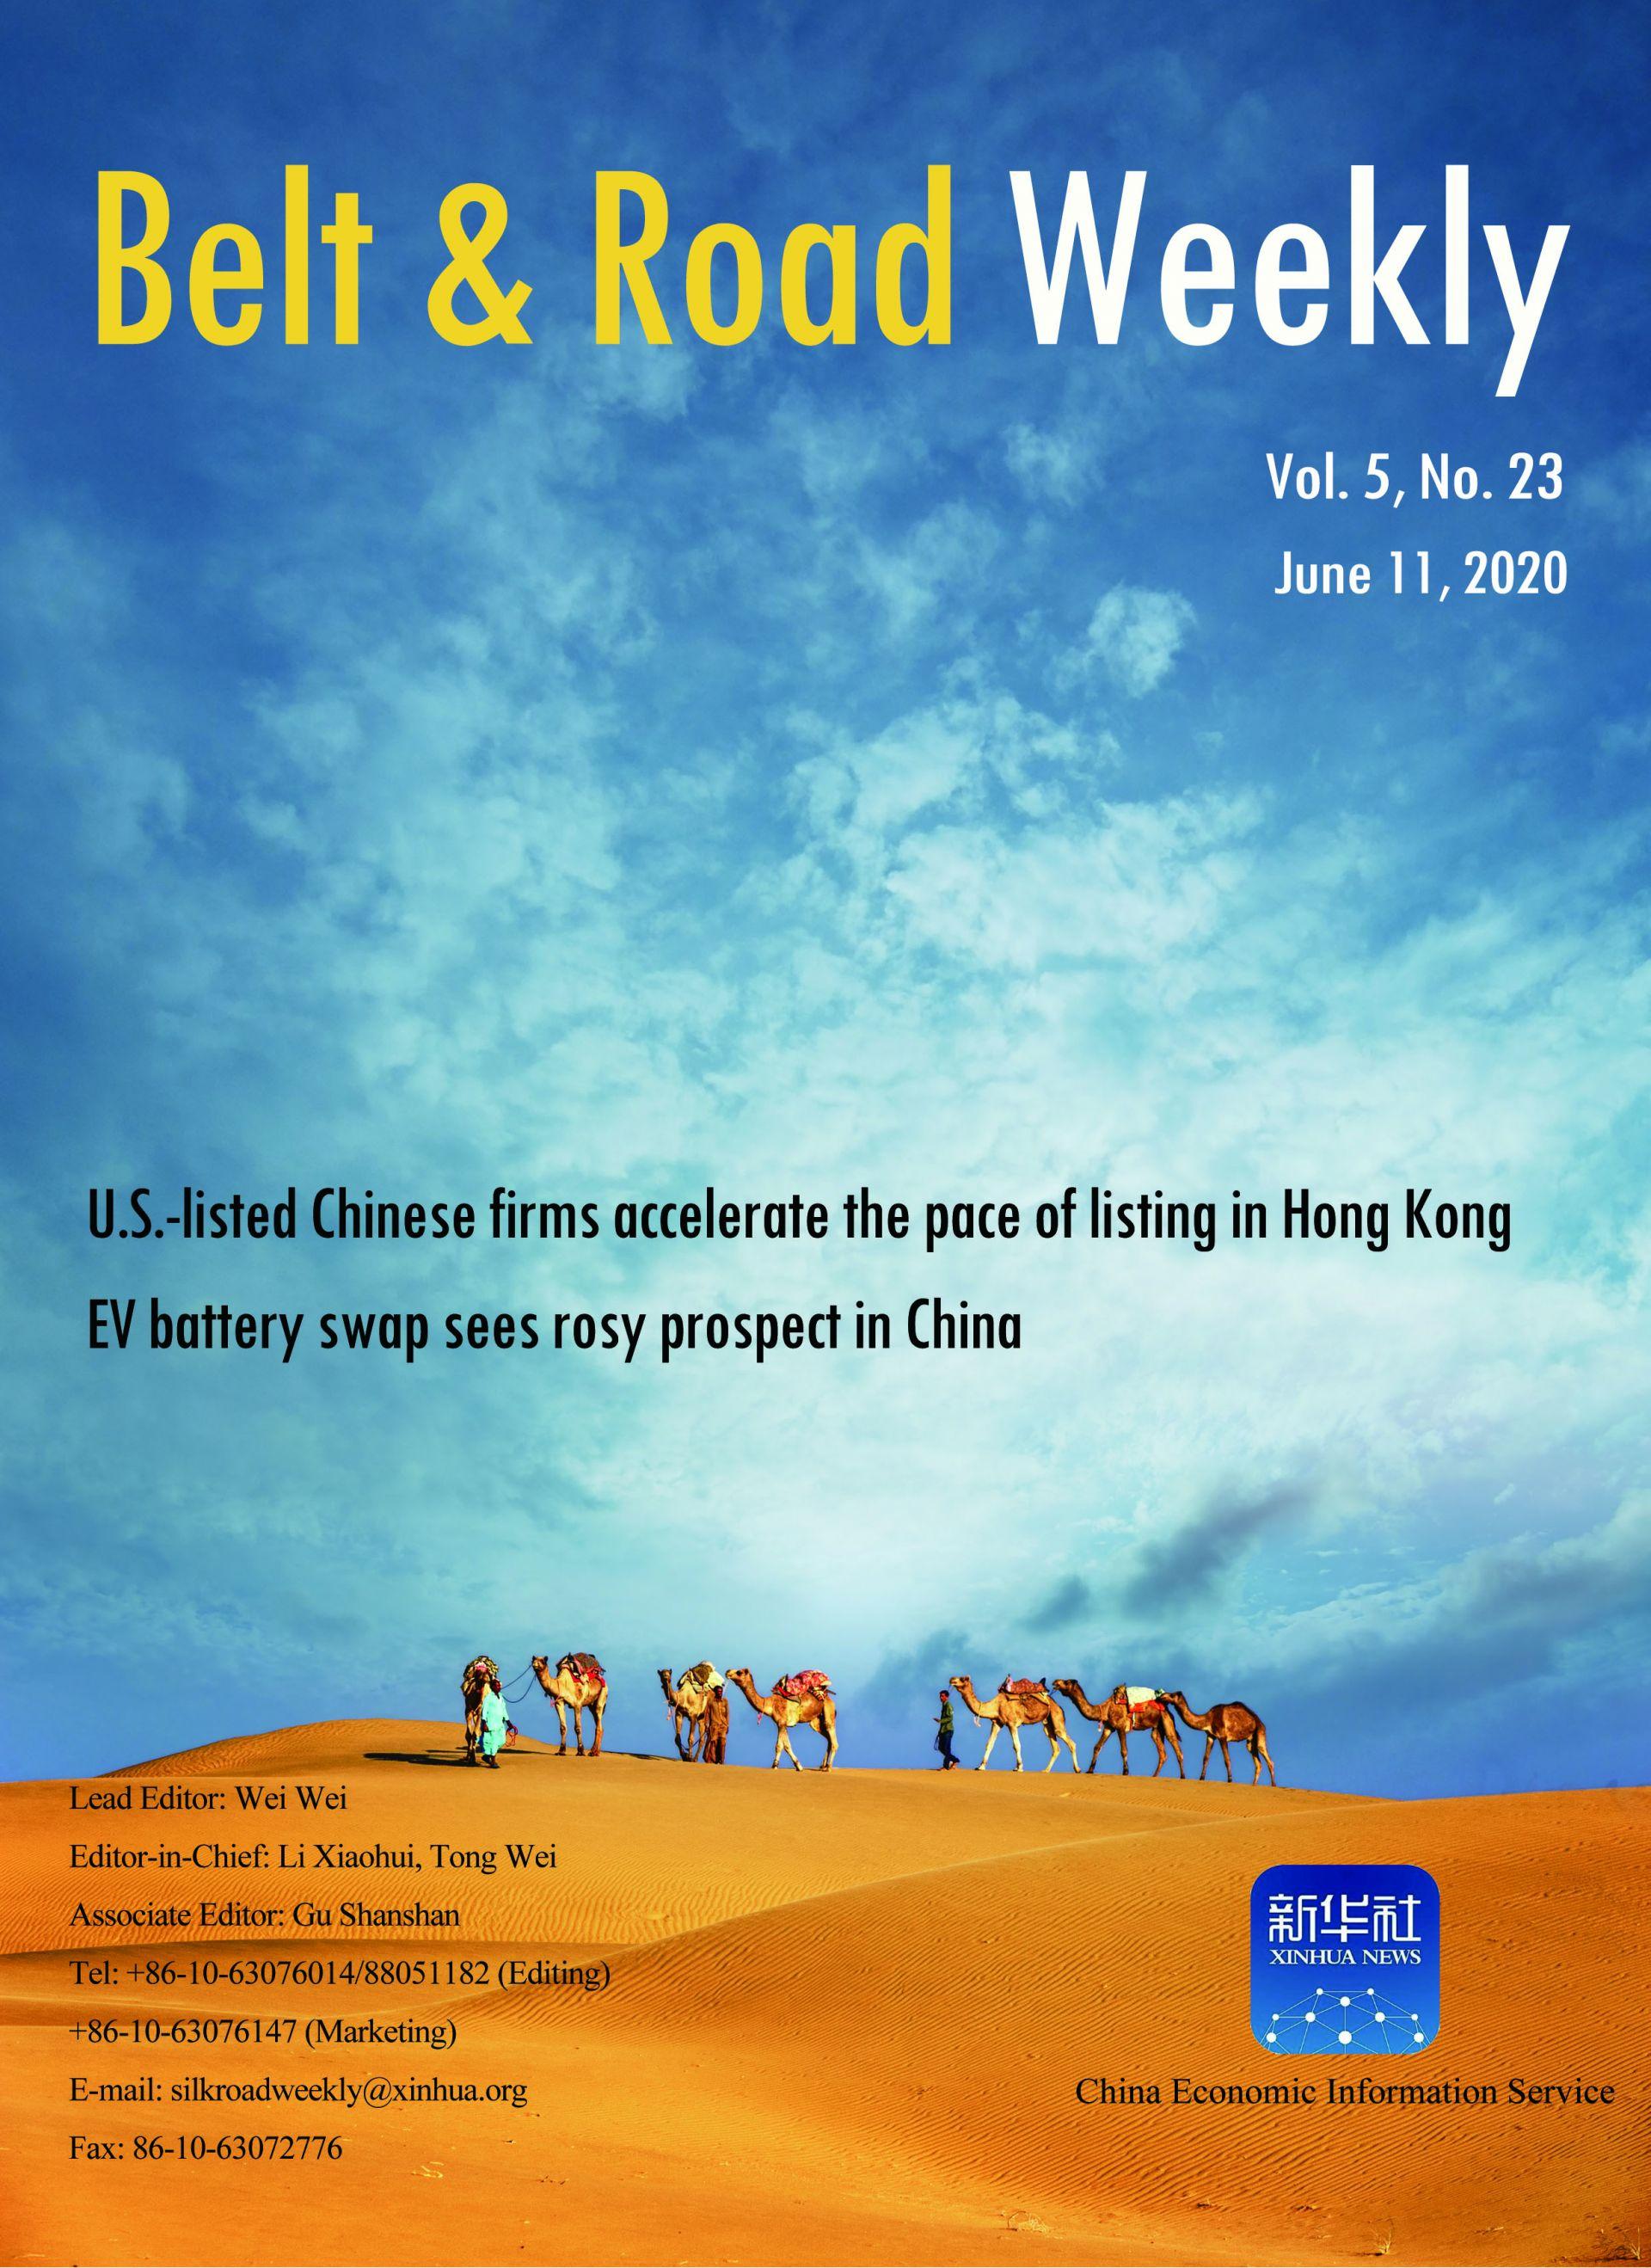 Belt & Road Weekly Vol. 5 No. 23